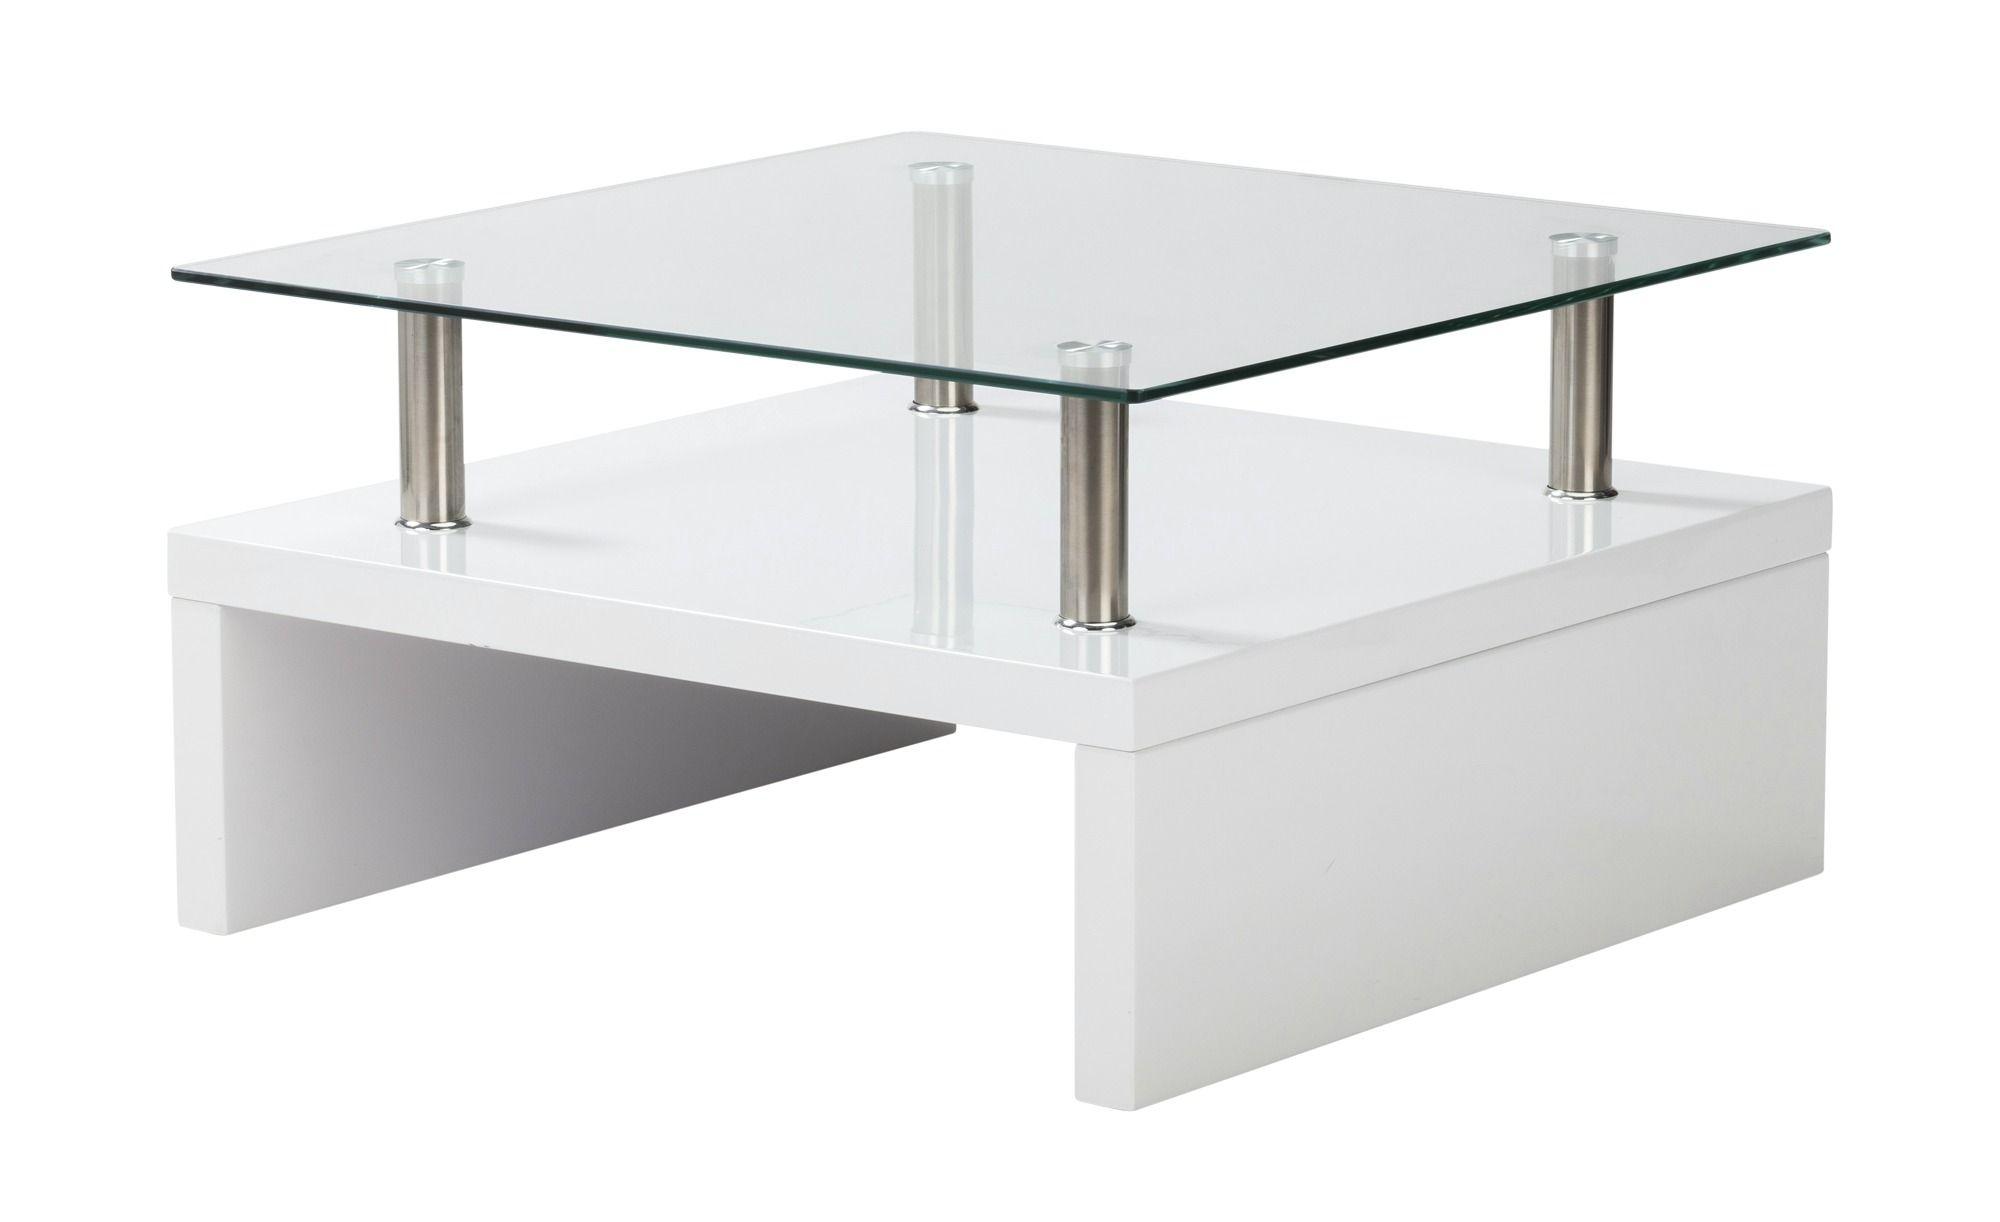 Couchtisch Weiss Metall Glas Spargi Gefunden Bei Mobel Hoffner